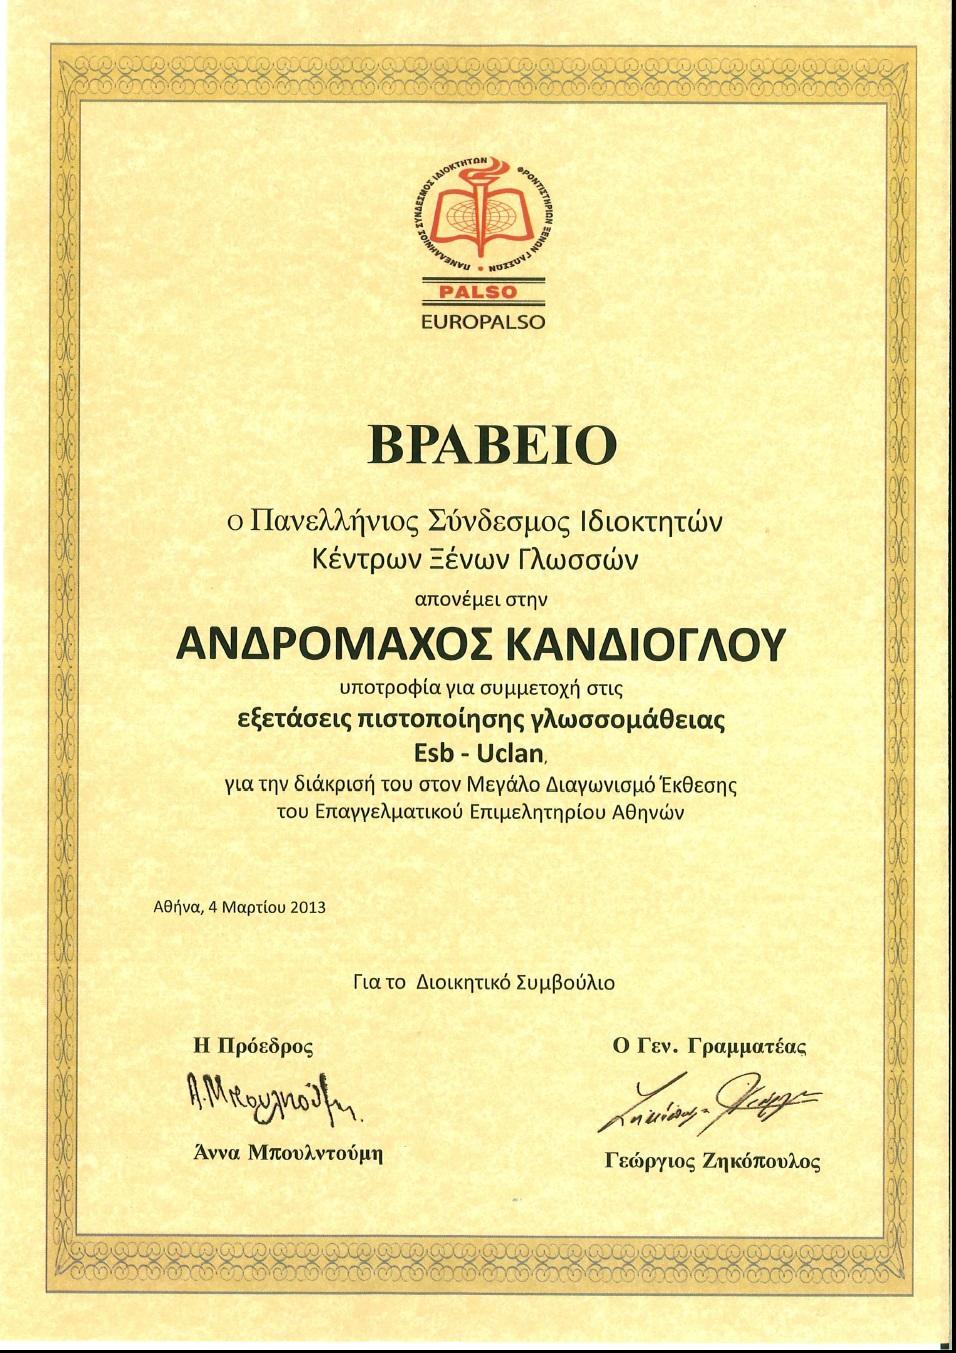 Βραβεύσεις Μαθητικού Διαγωνισμού ΕΕΑ